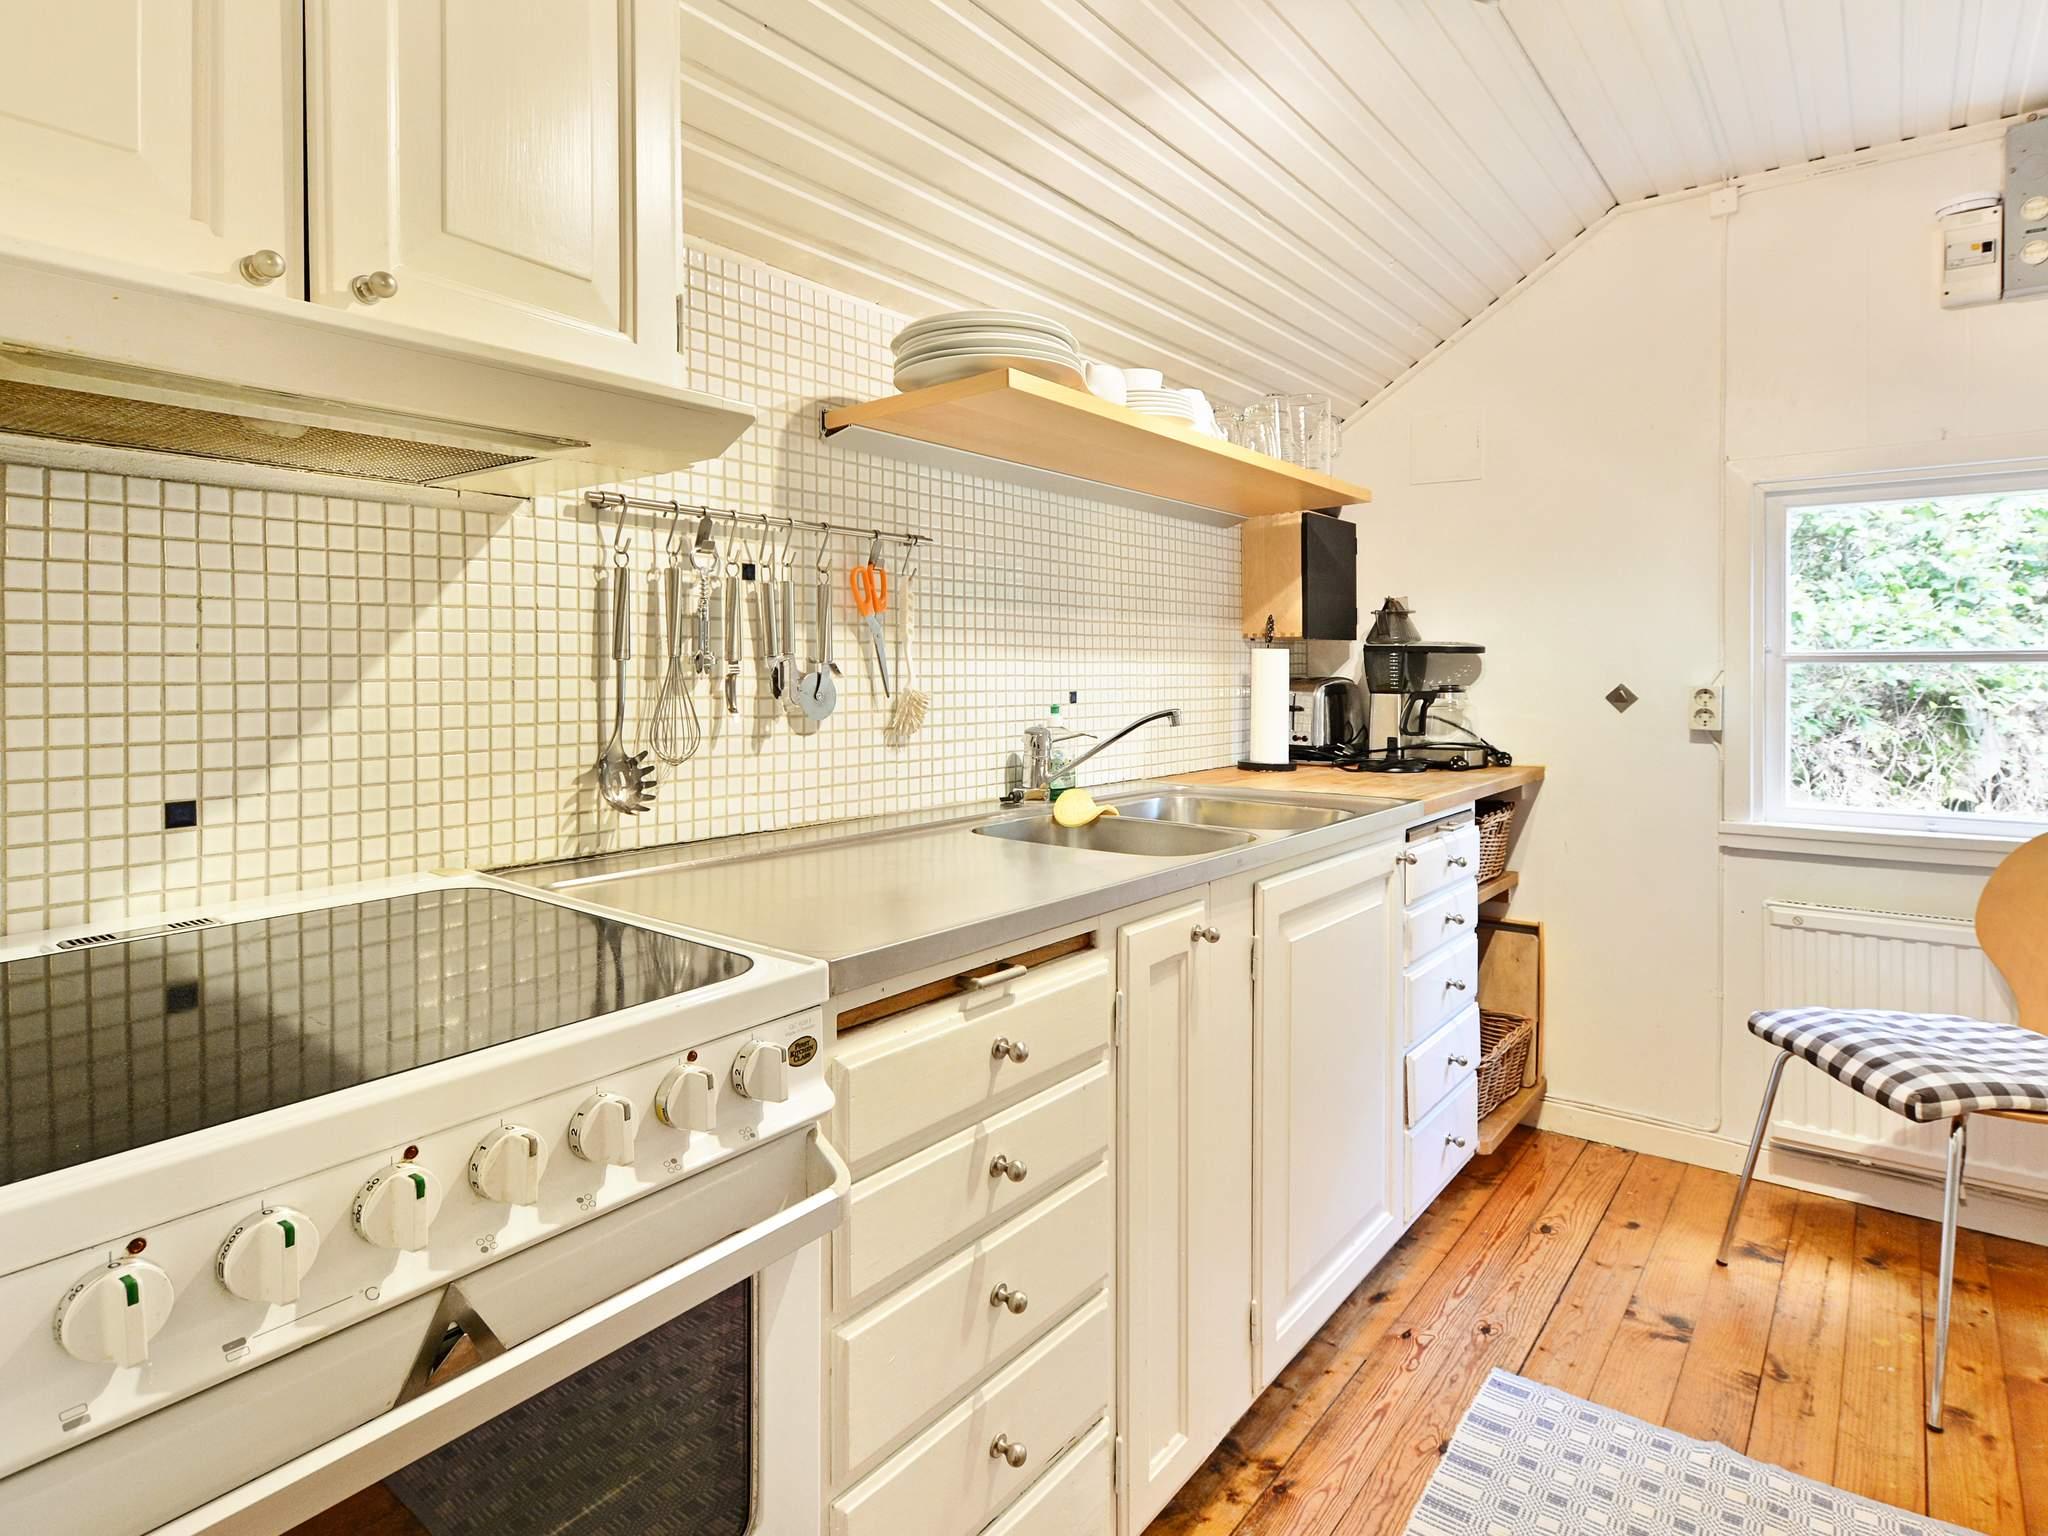 Ferienhaus Belganet (86864), Hallabro, Blekinge län, Südschweden, Schweden, Bild 2